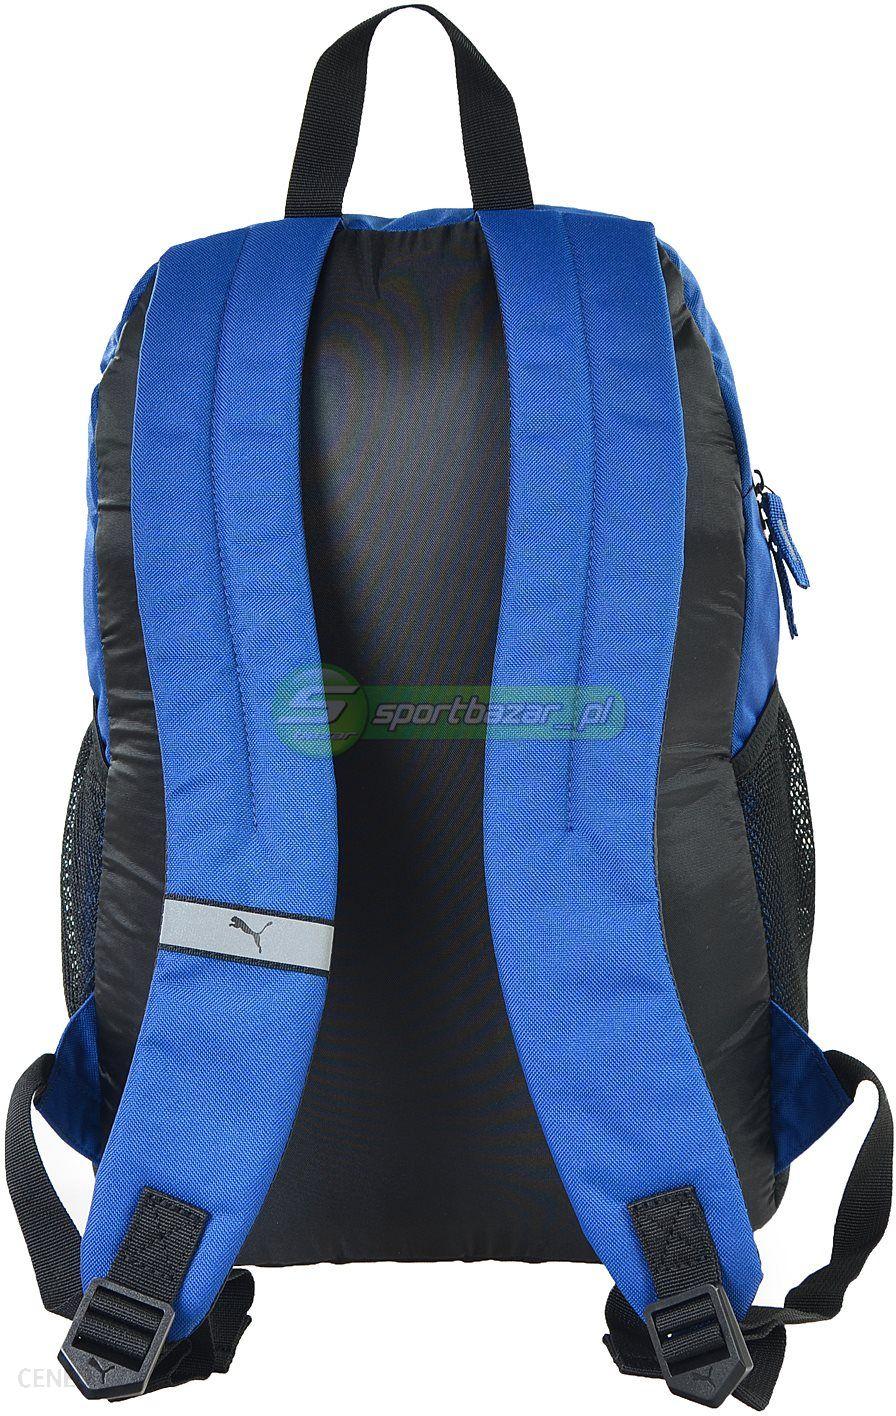 5f50ef93b7791 Plecak PUMA BUZZ BACKPACK granatowy  72602 03 - Ceny i opinie - Ceneo.pl